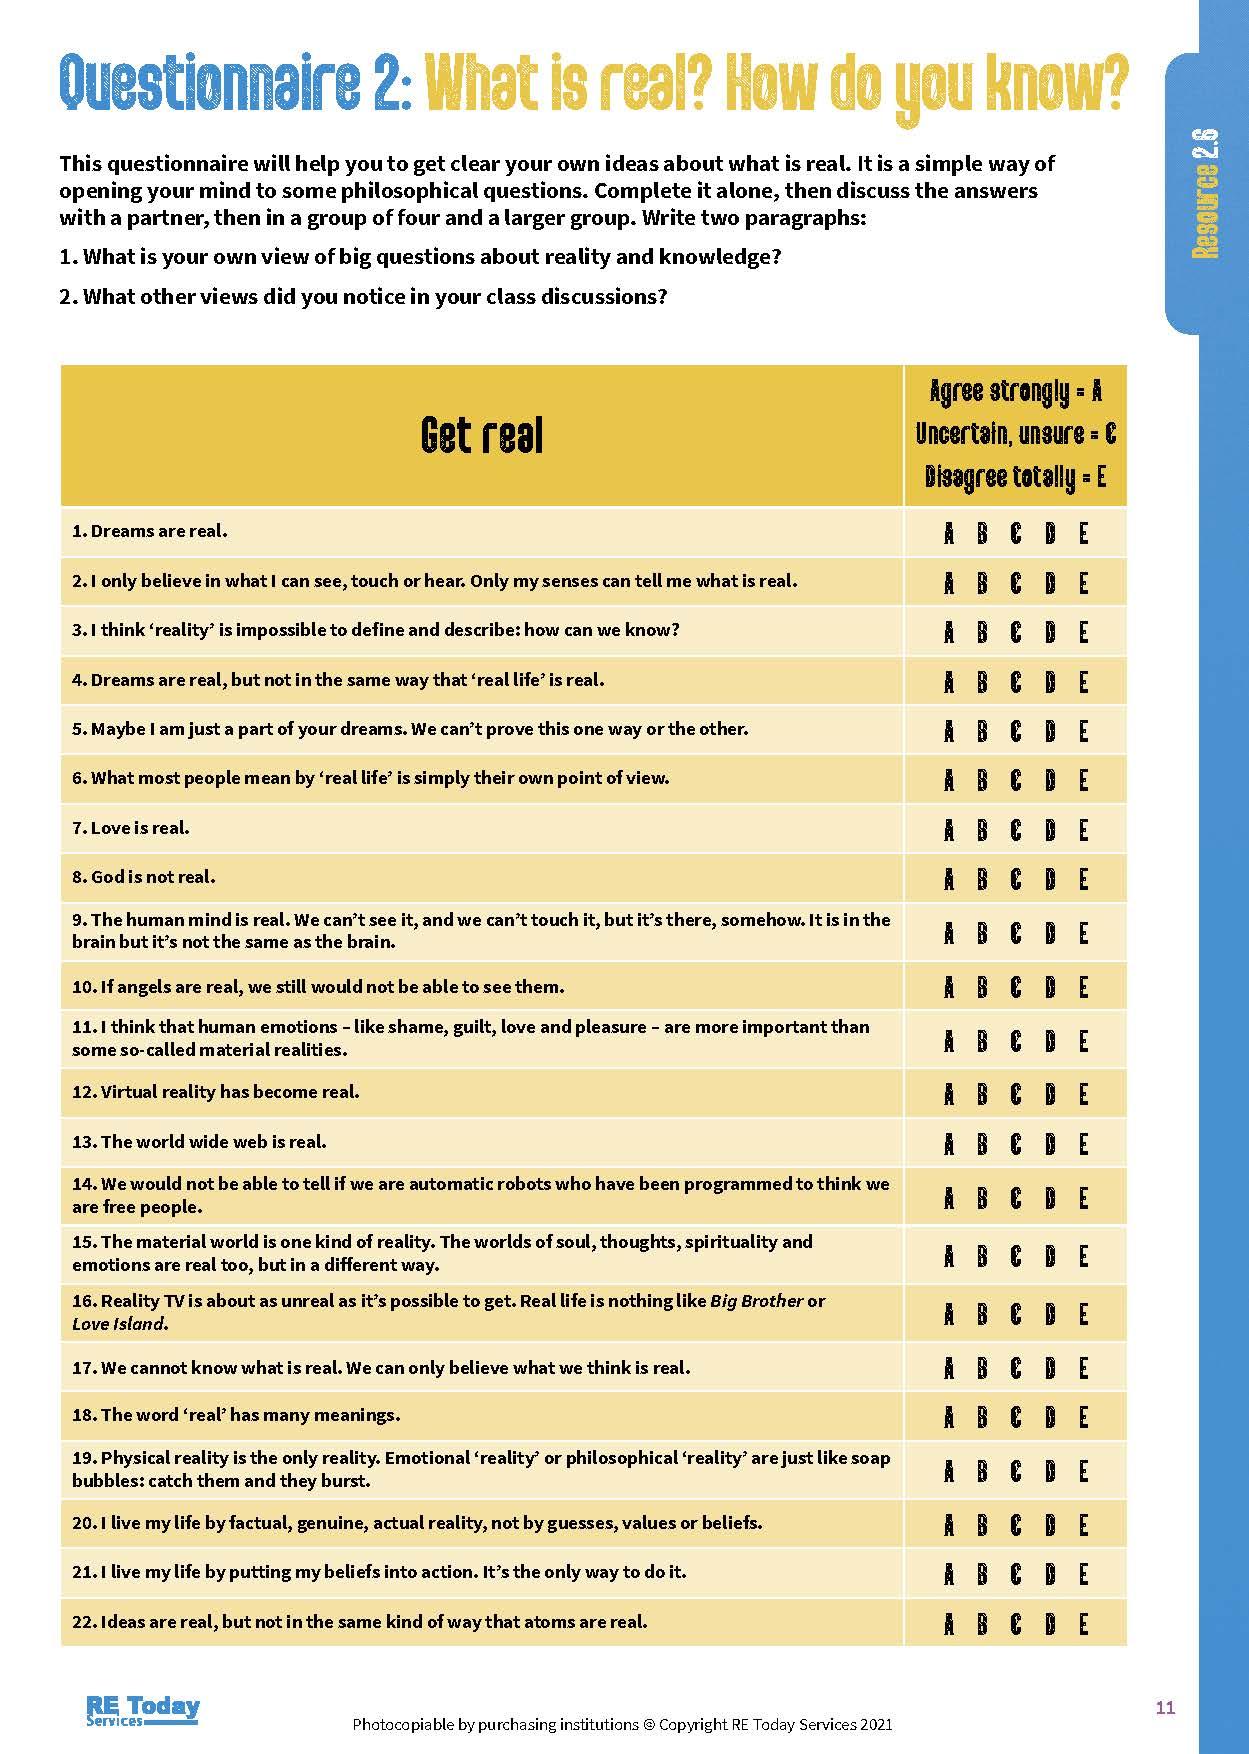 Questionnaire 2 p 11